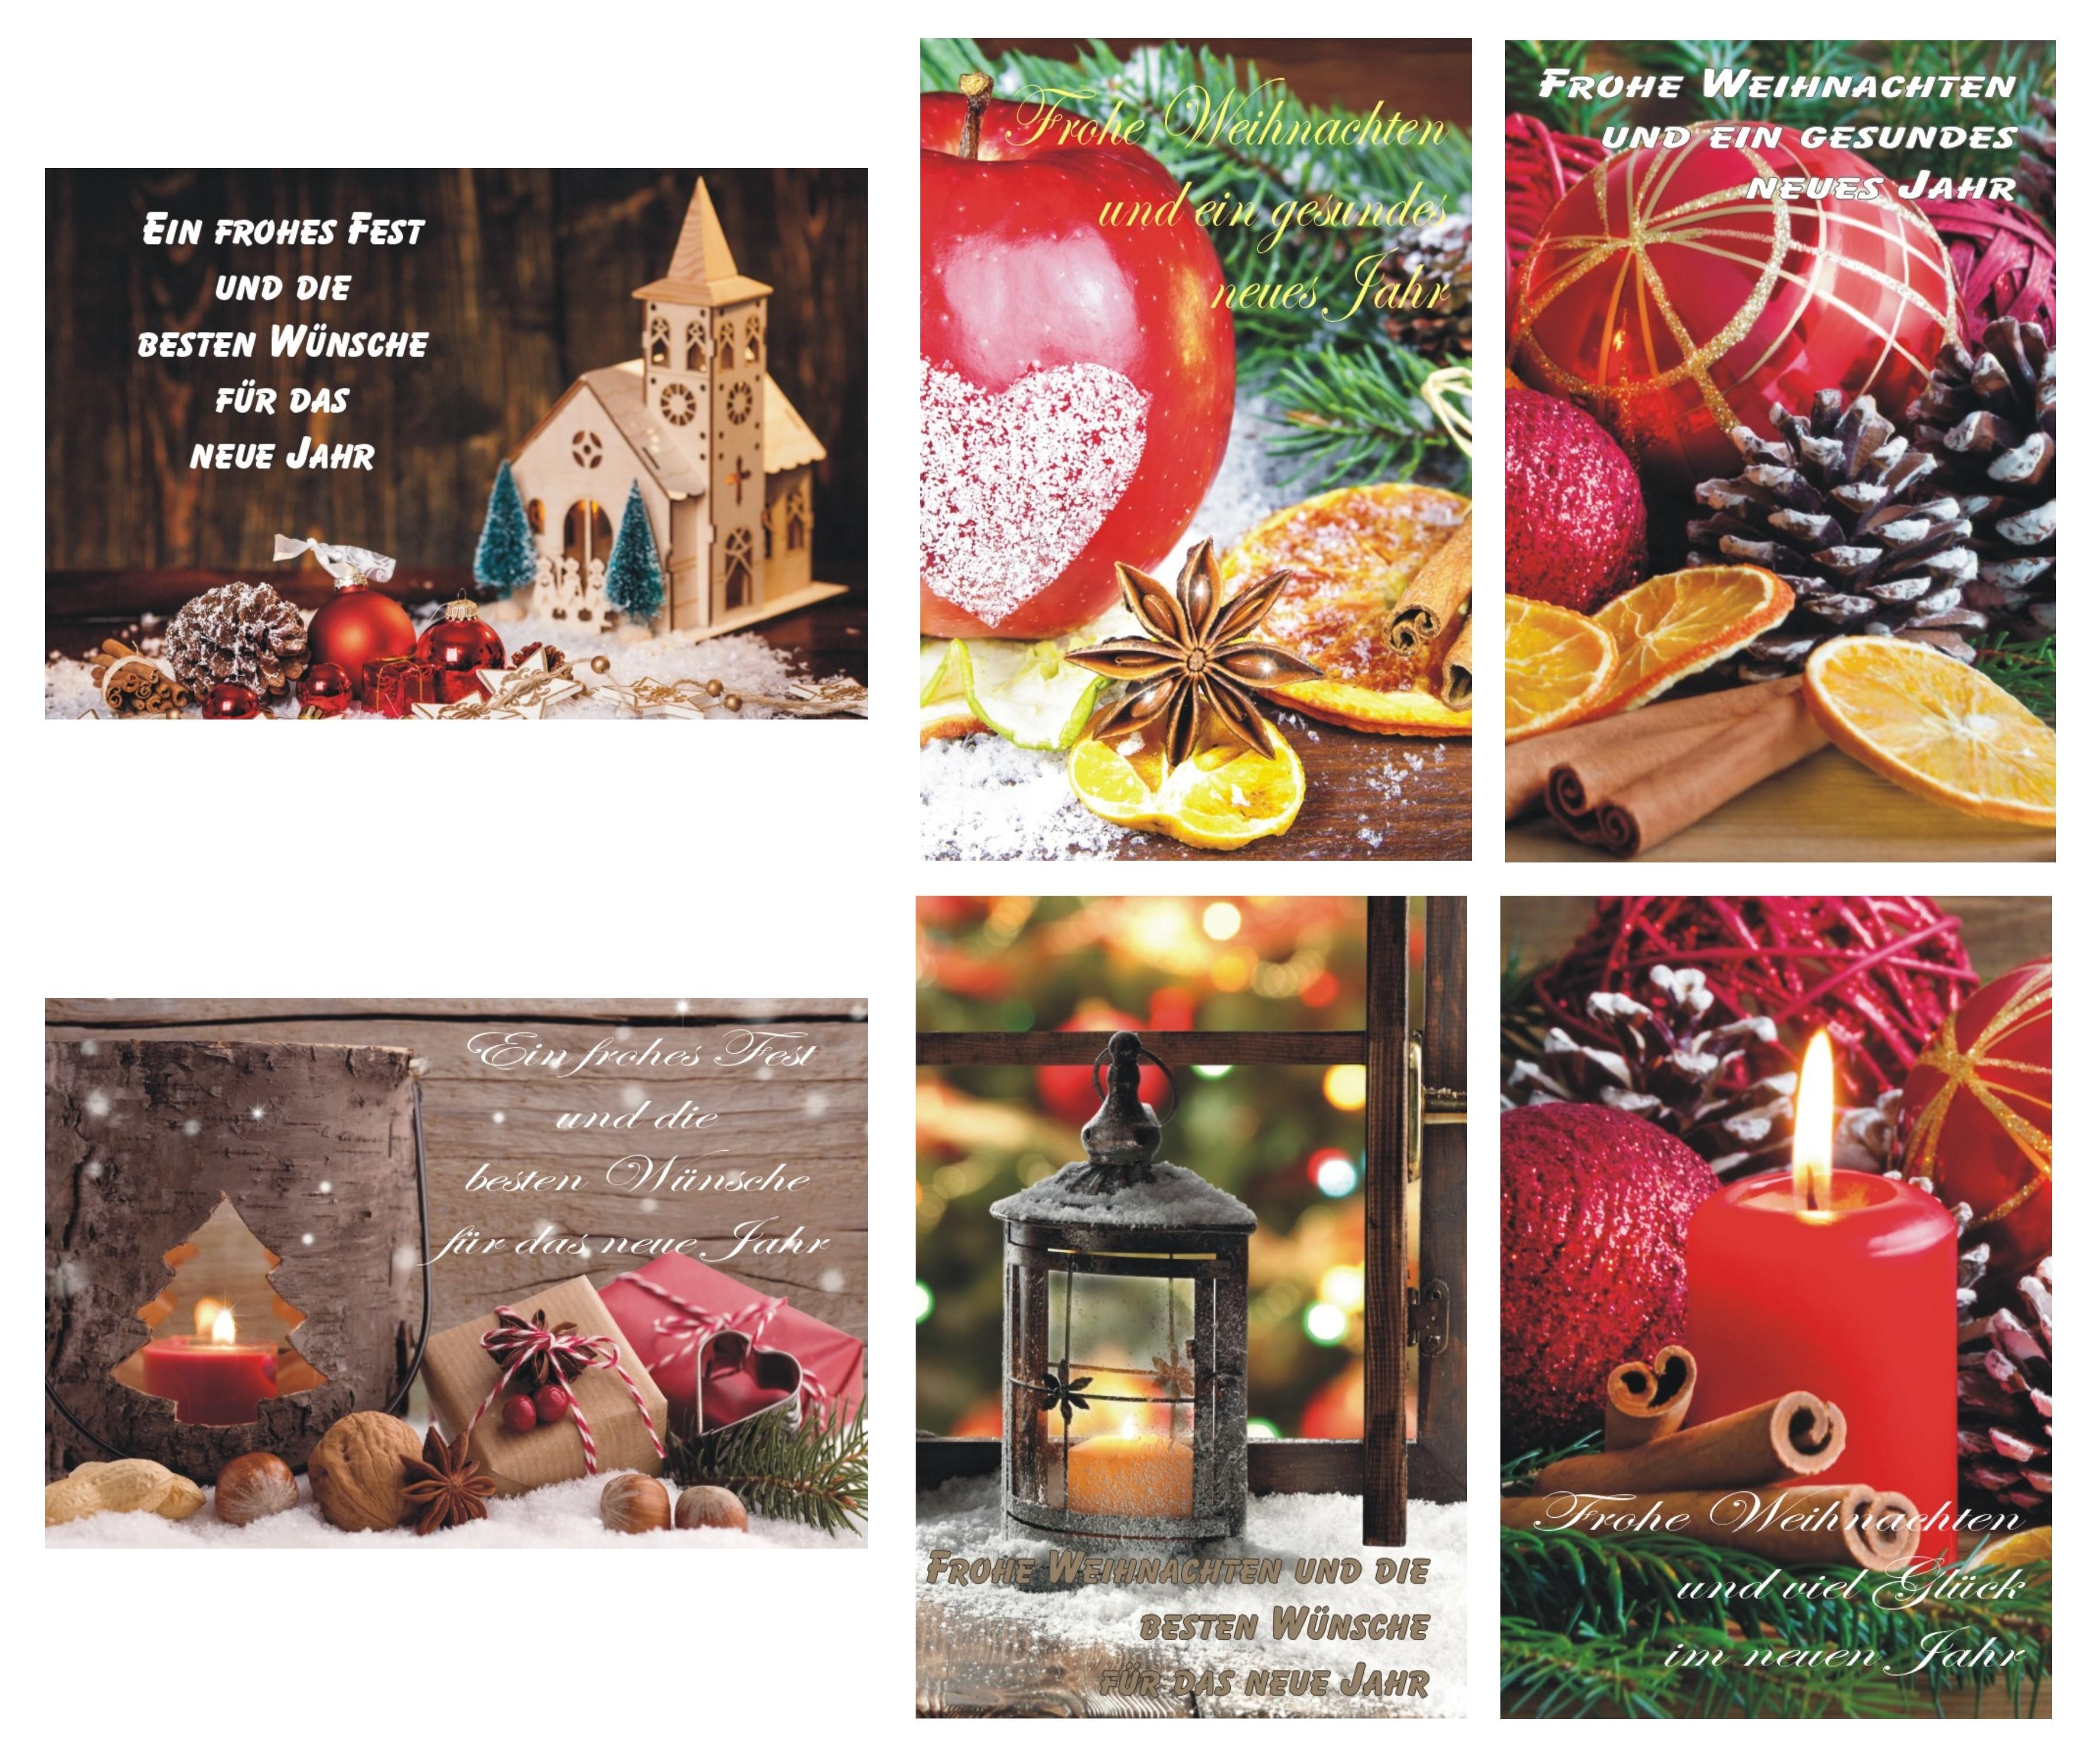 Weihnachtskarten Für Fotos.K B Haushaltswaren Weihnachtskarten Weihnachtskarte